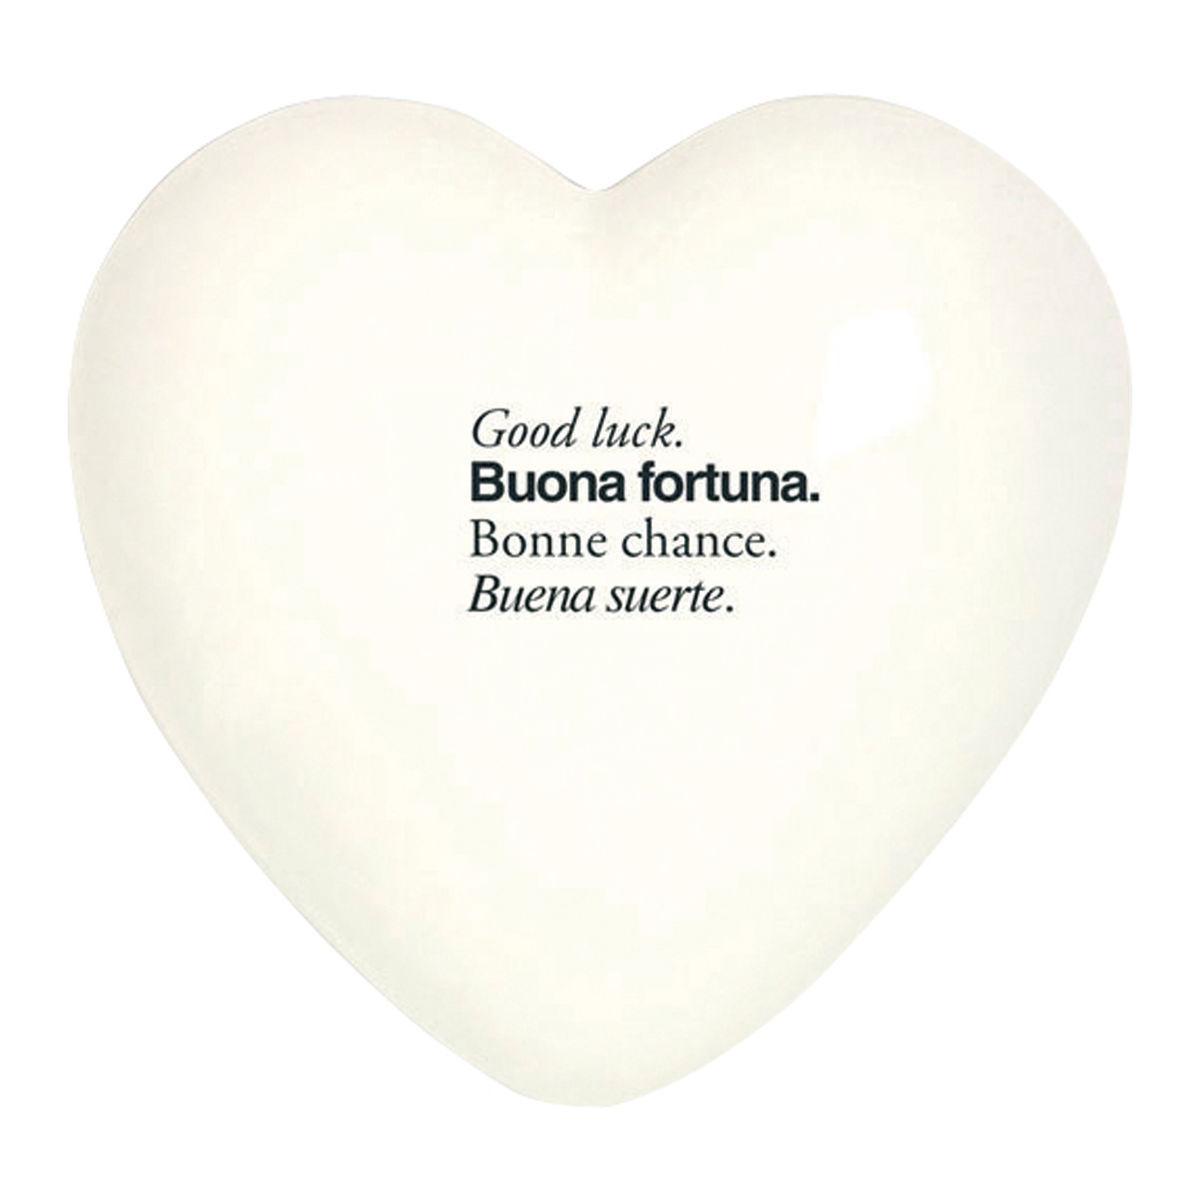 Heart good luck 2